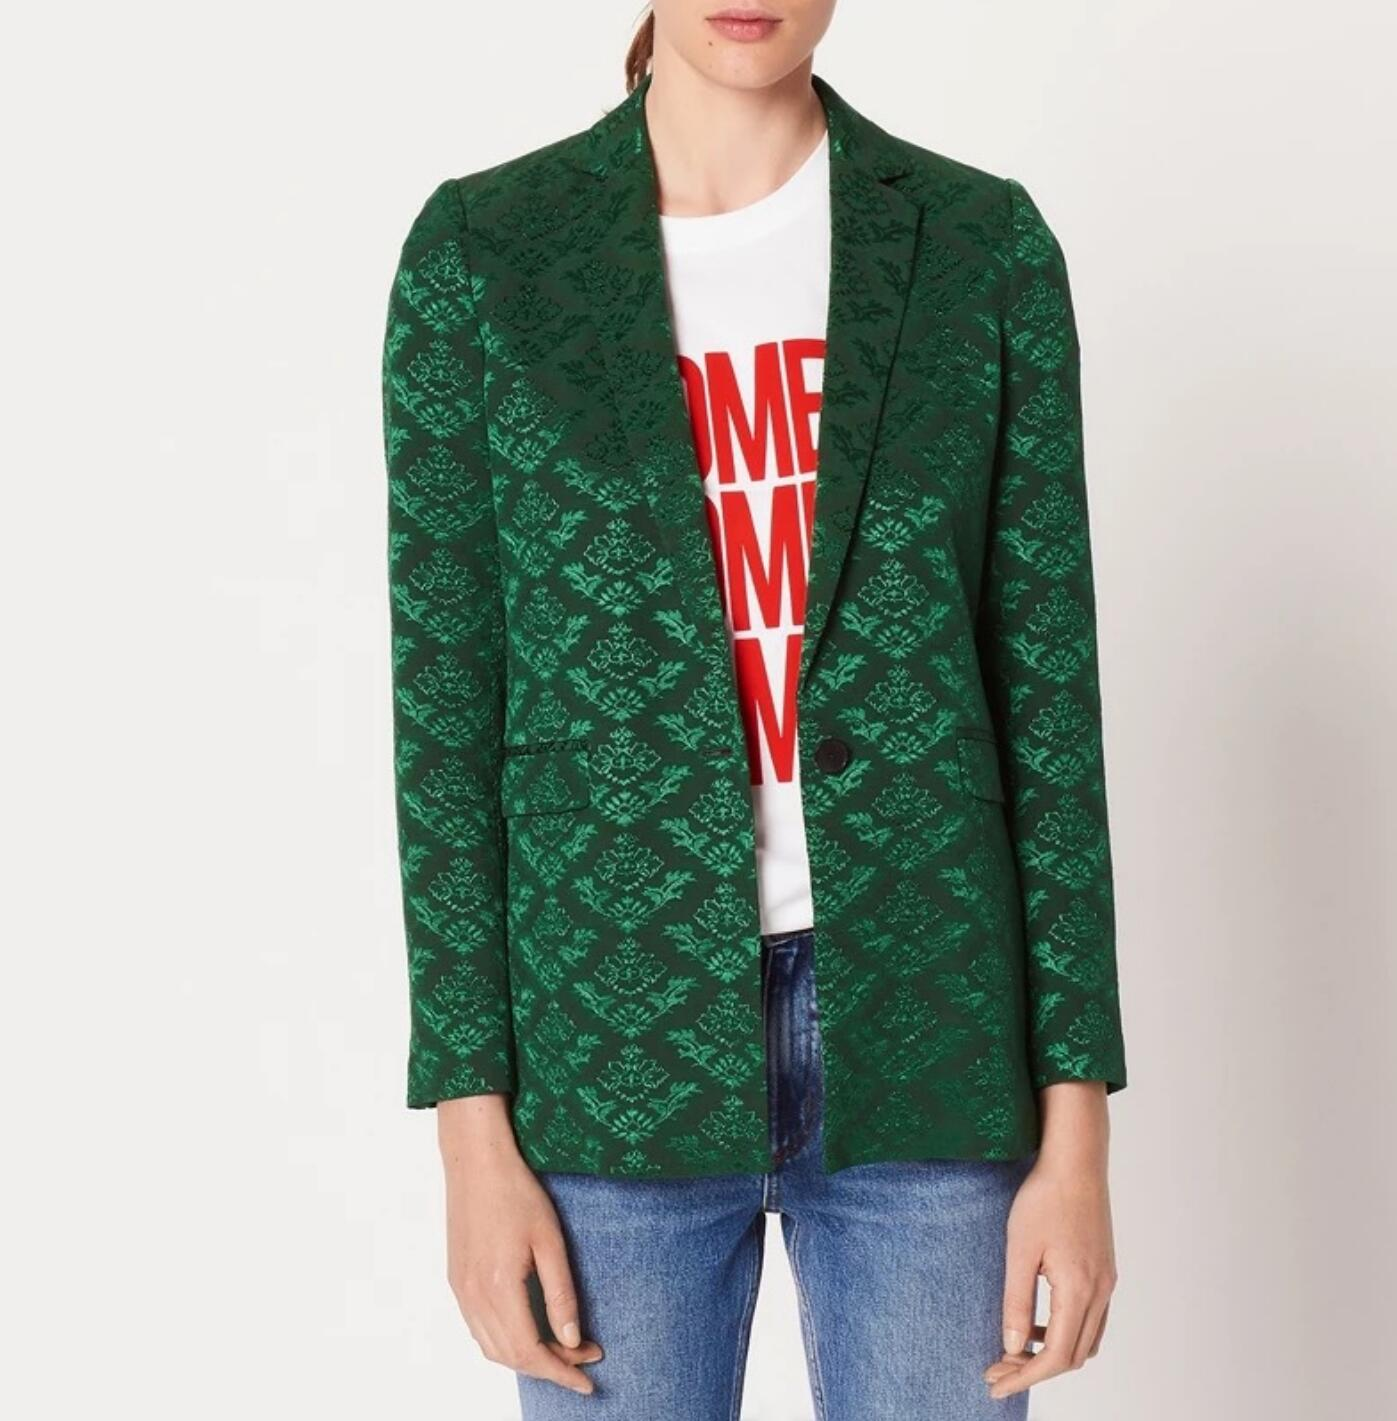 Femmes Costume 2019 Et Automne Jacquard D'hiver Tempérament Vert rddnA